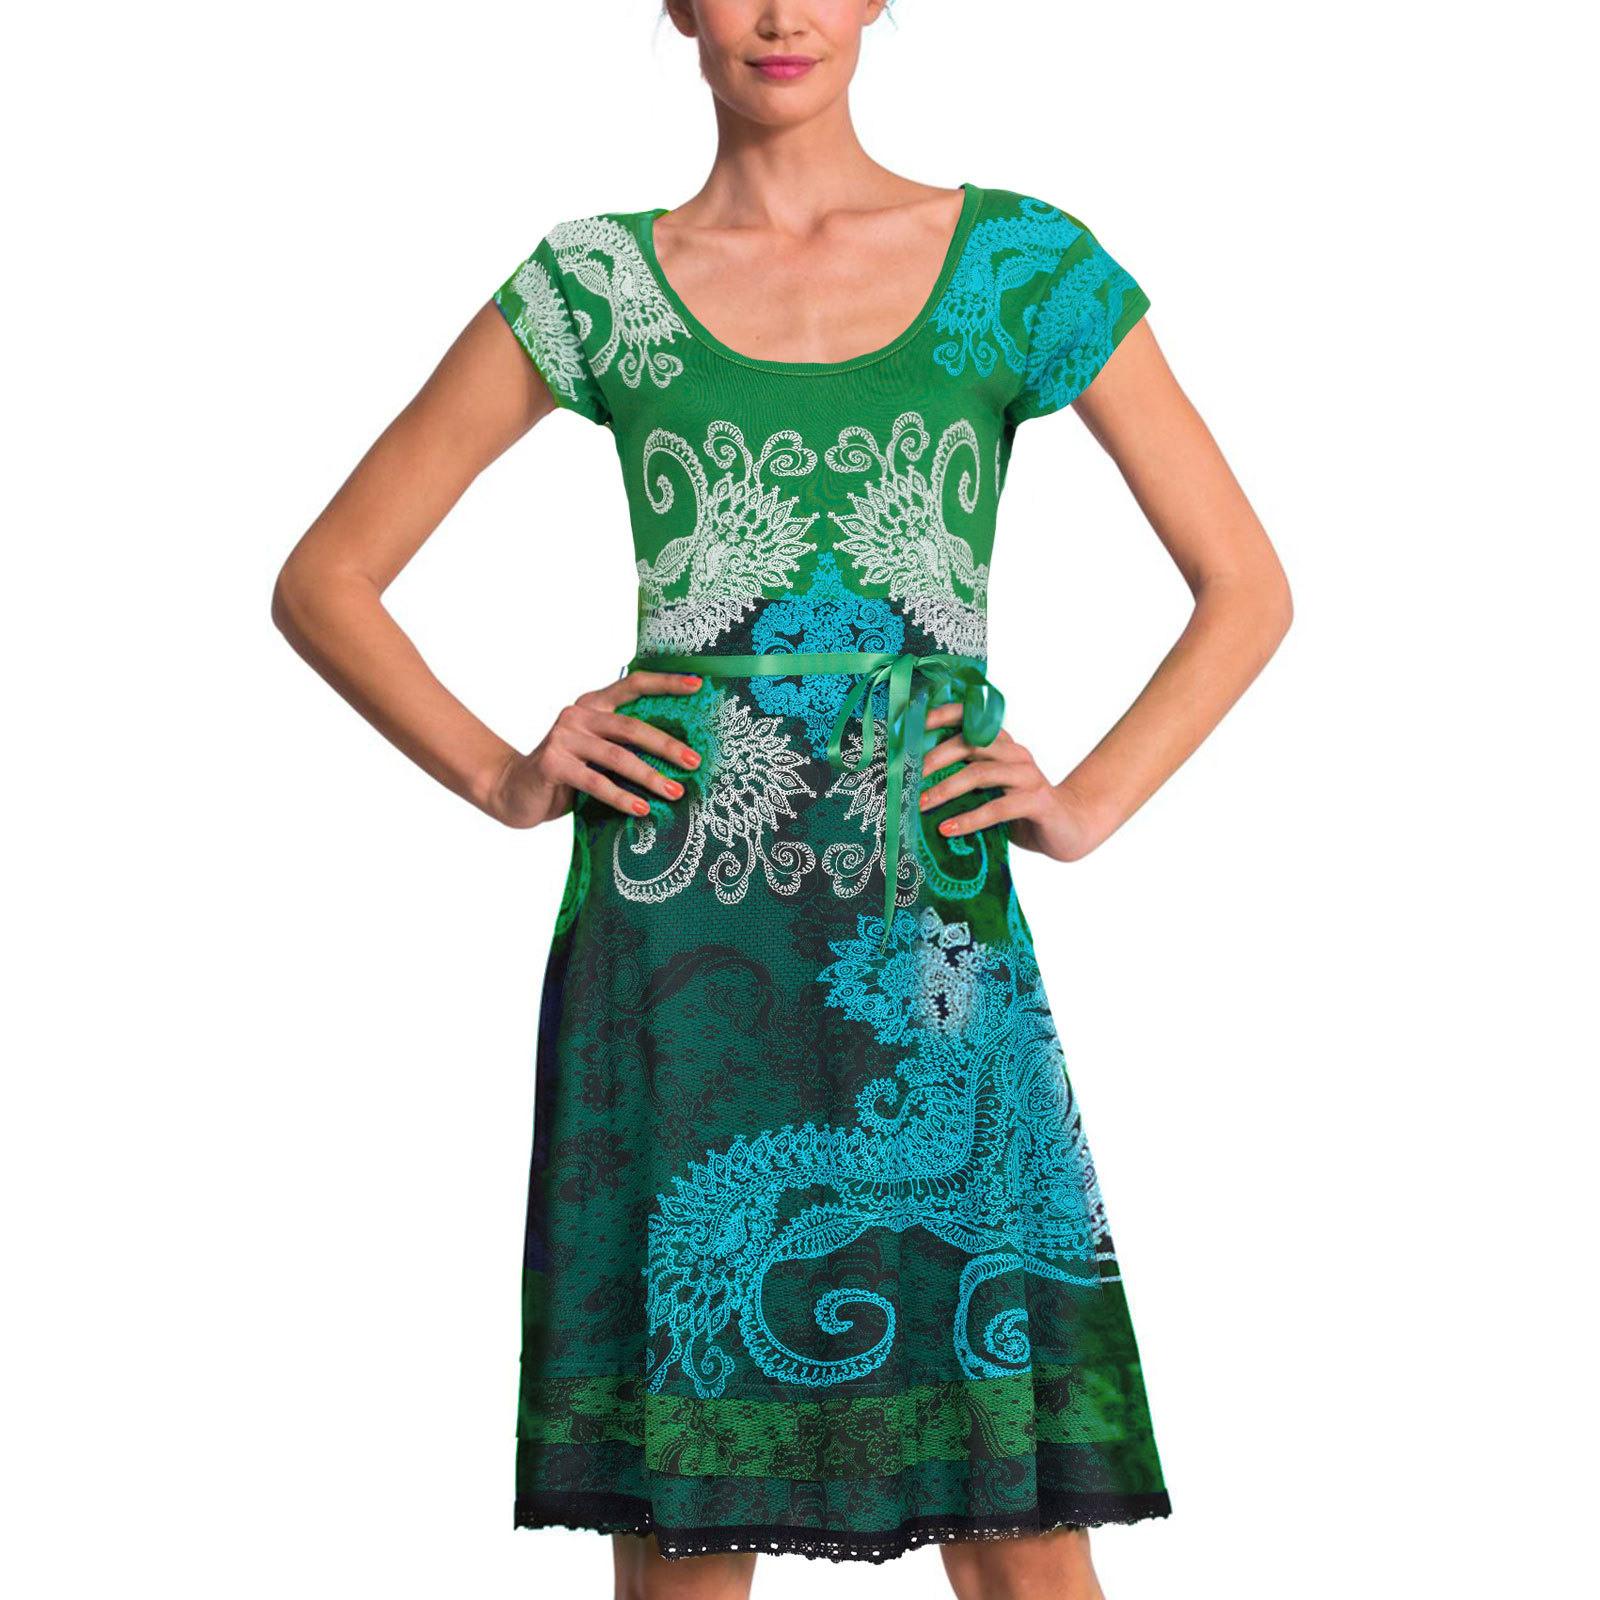 Desigual Liz Rep Dress Green Mckennan Sxxl New Summer